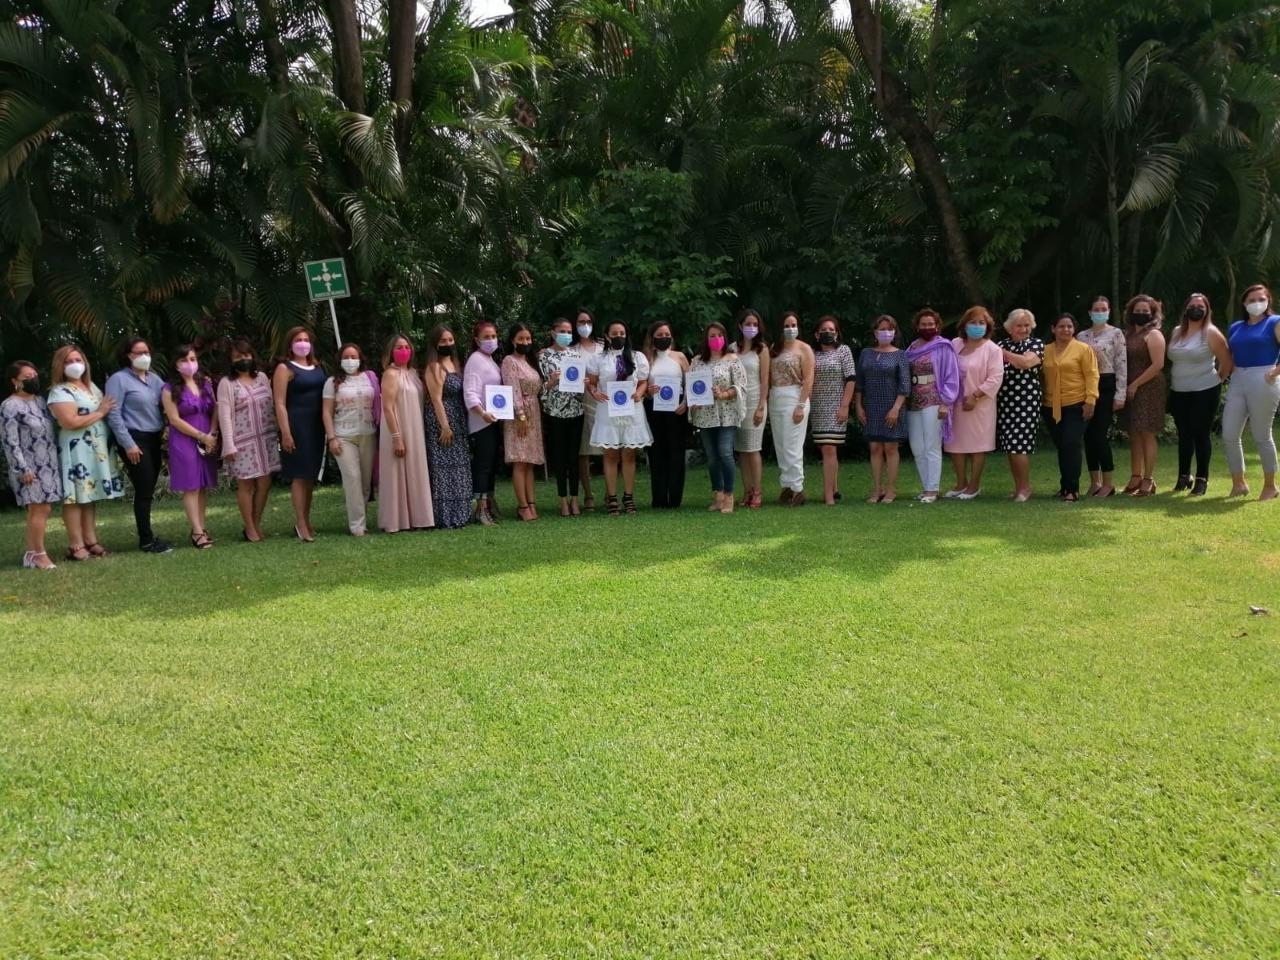 Atiende Secretaría de Gobierno propuestas de AC para sociedad más igualitaria